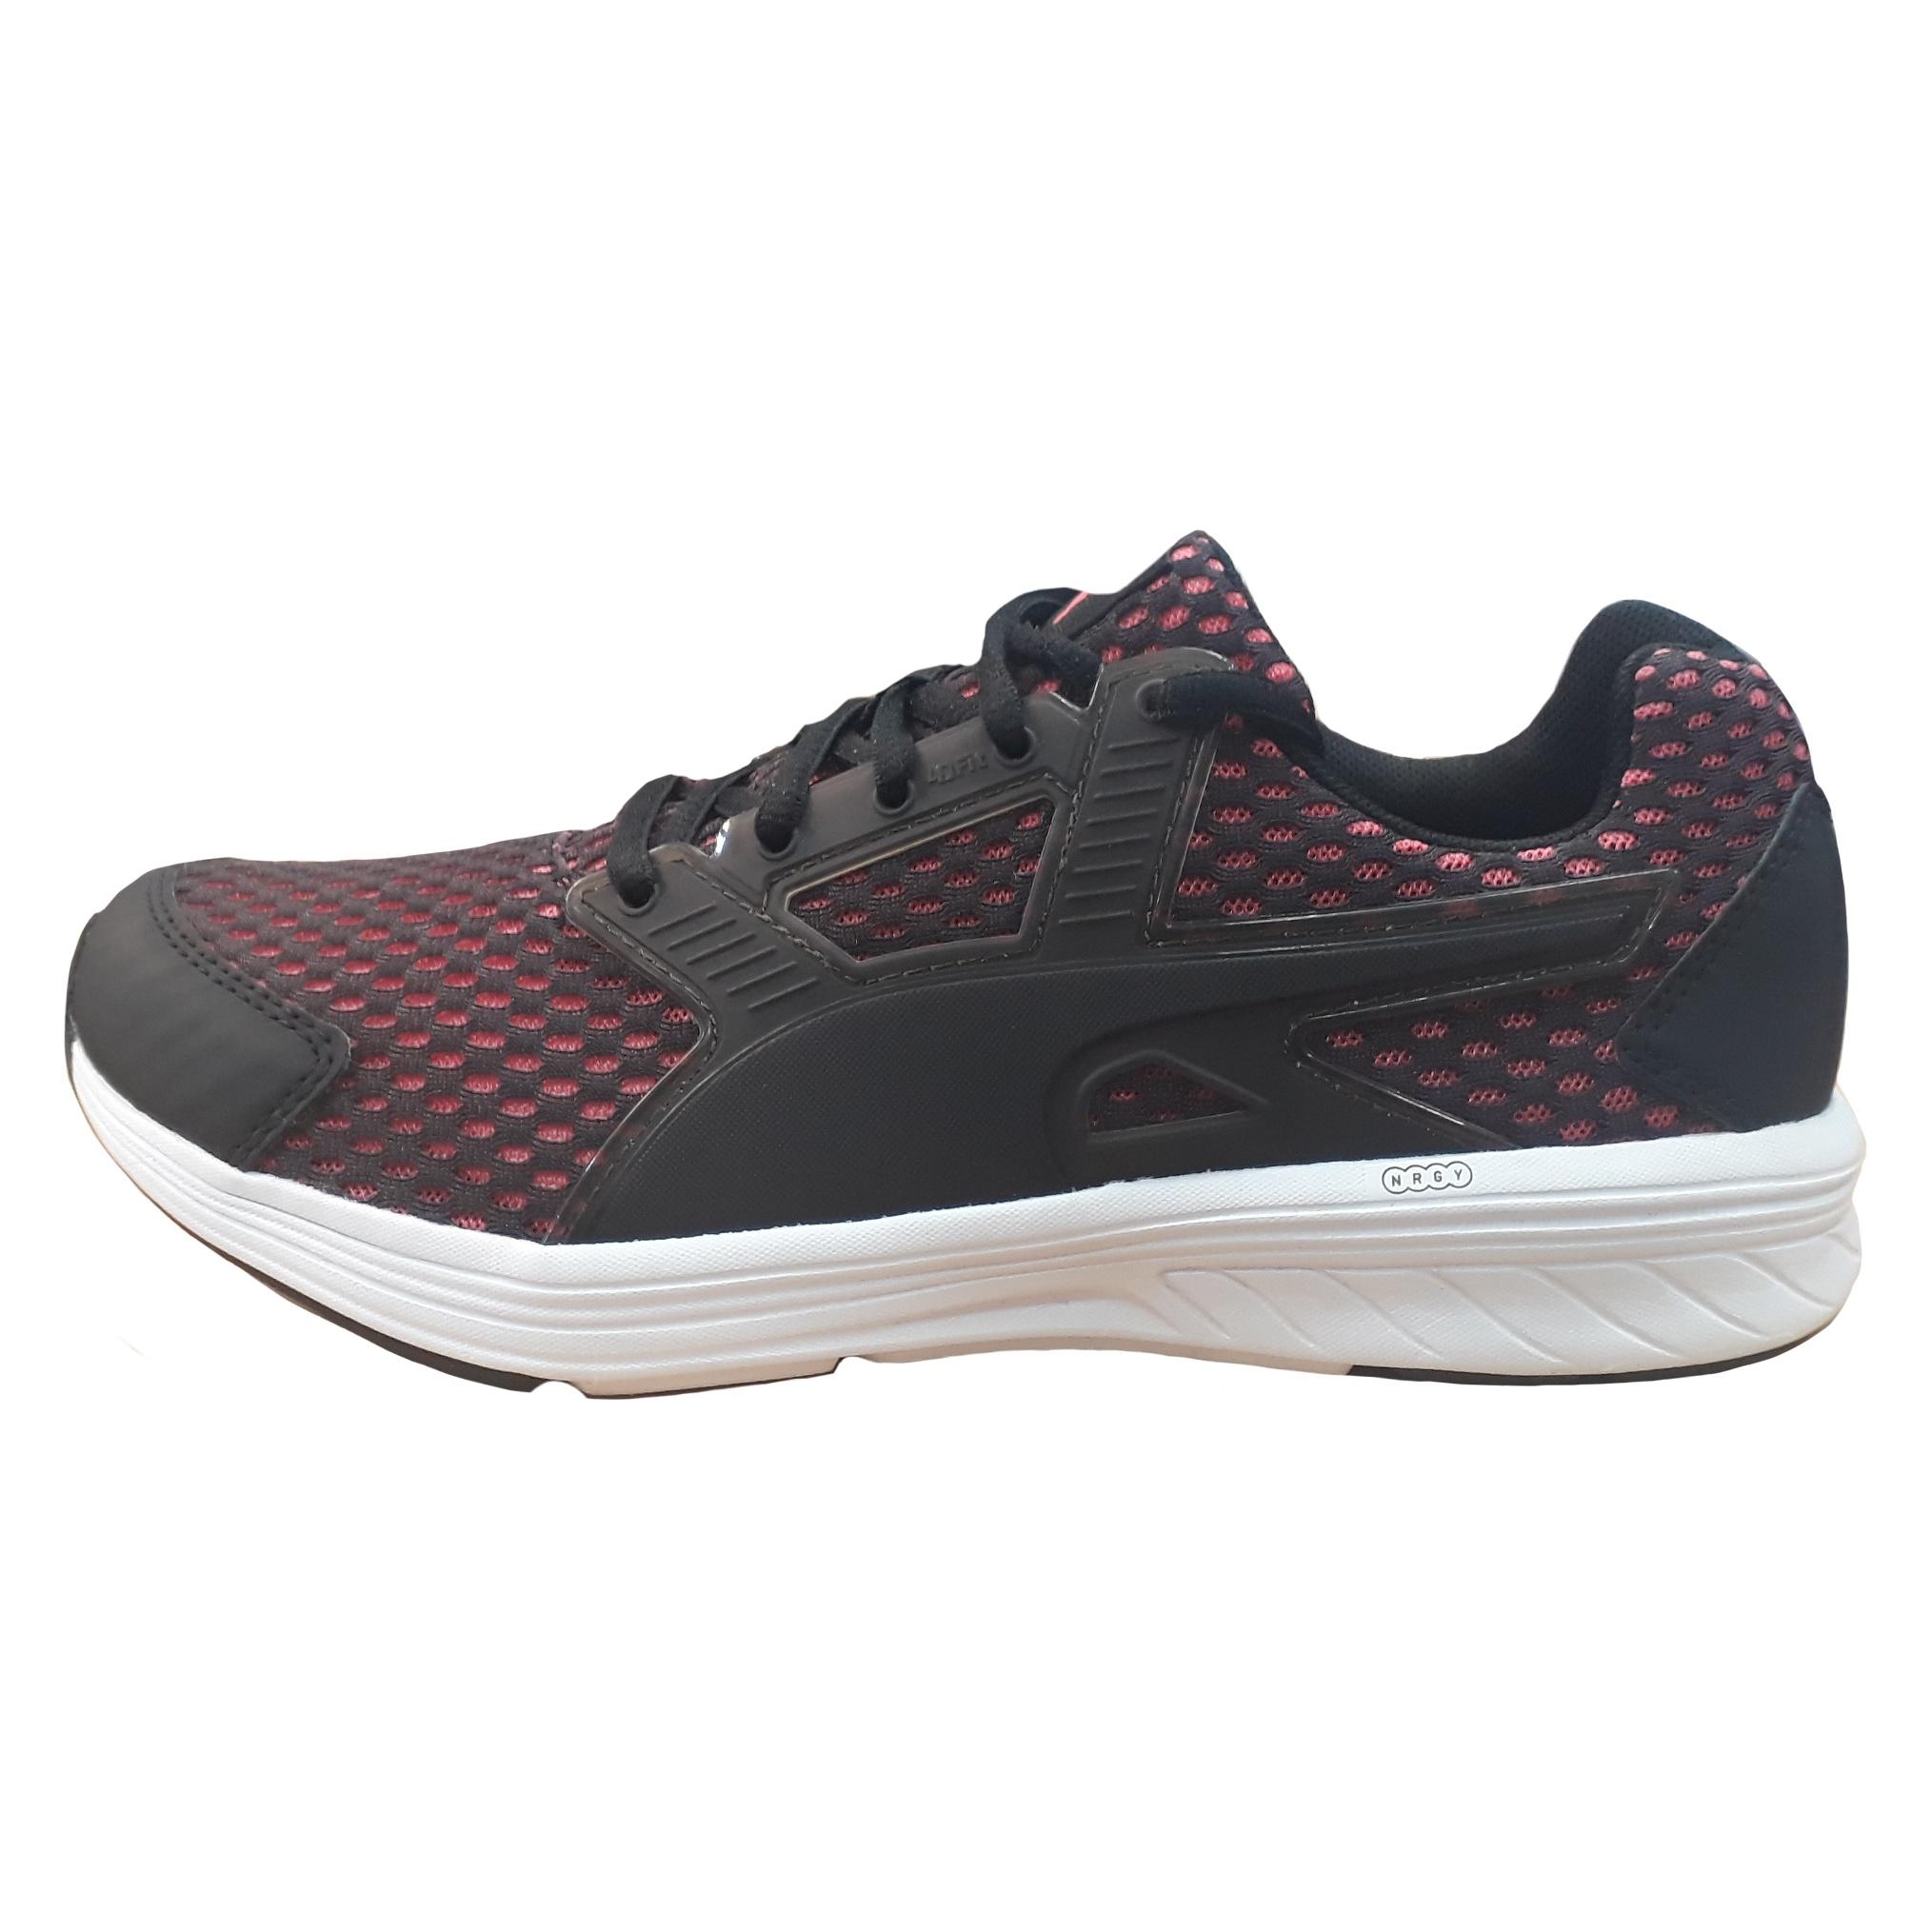 کفش مخصوص پیاده روی زنانه پوما مدل NRGY